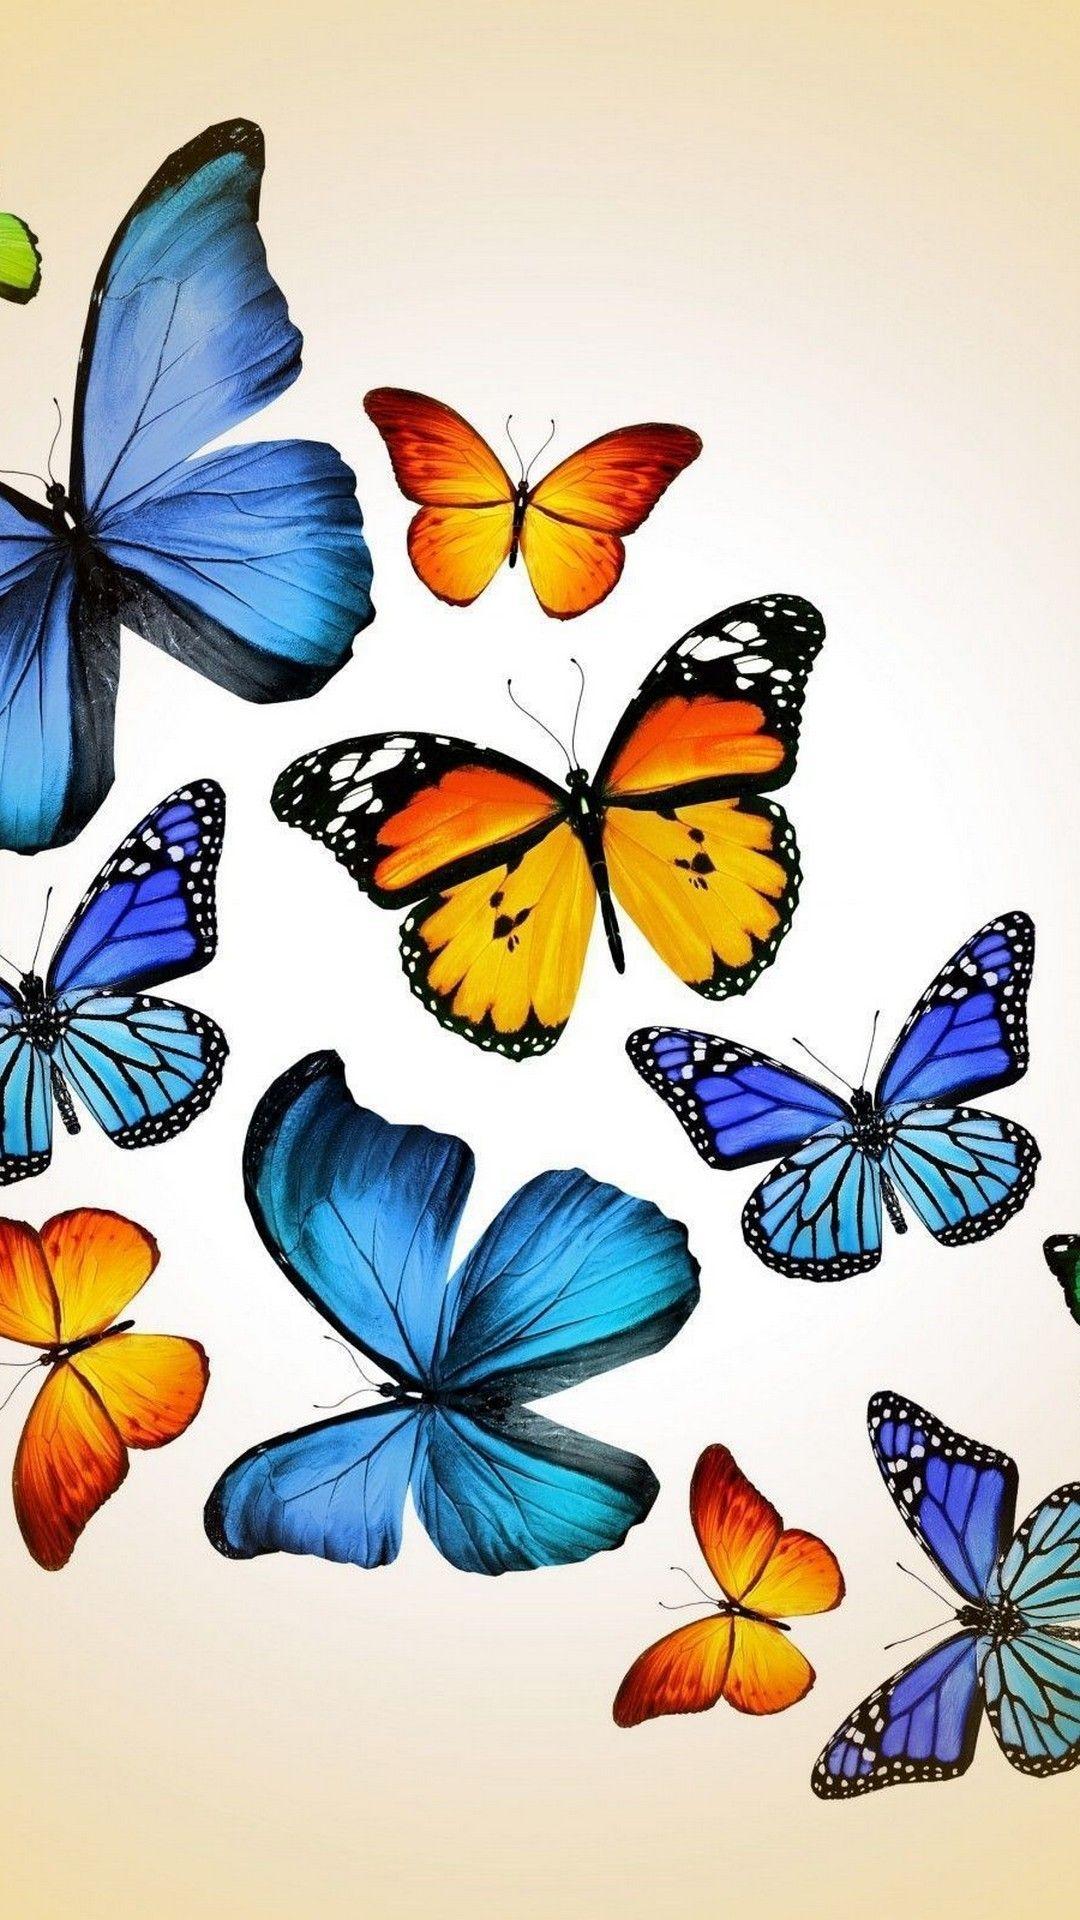 Blue Butterfly Cellphone Wallpaper 1080x1920 | Cellphone ...